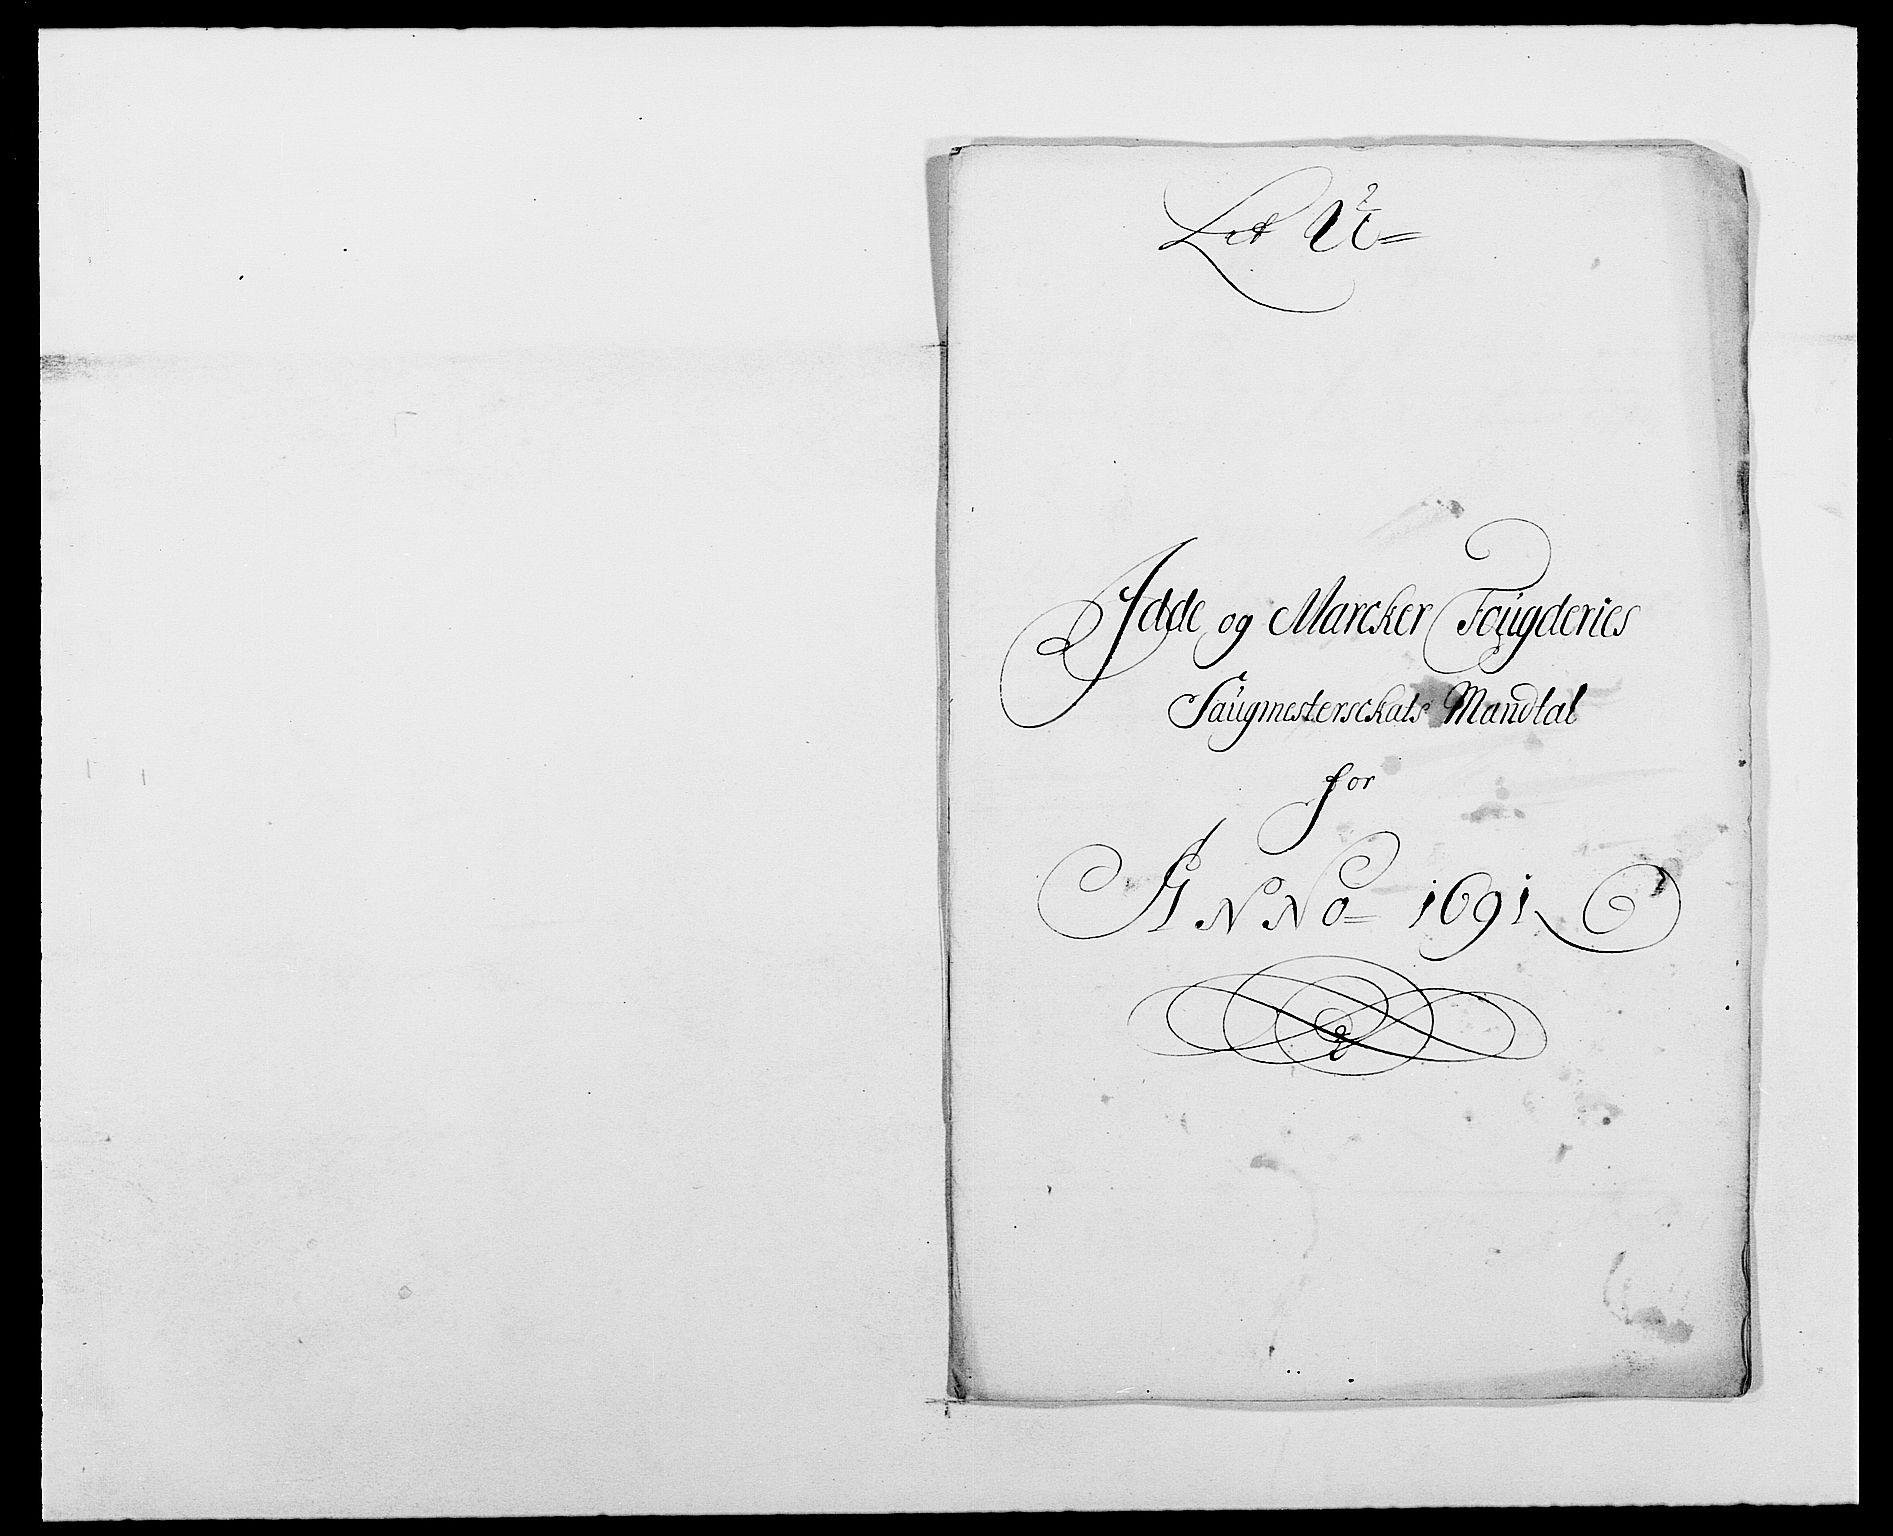 RA, Rentekammeret inntil 1814, Reviderte regnskaper, Fogderegnskap, R01/L0010: Fogderegnskap Idd og Marker, 1690-1691, p. 366